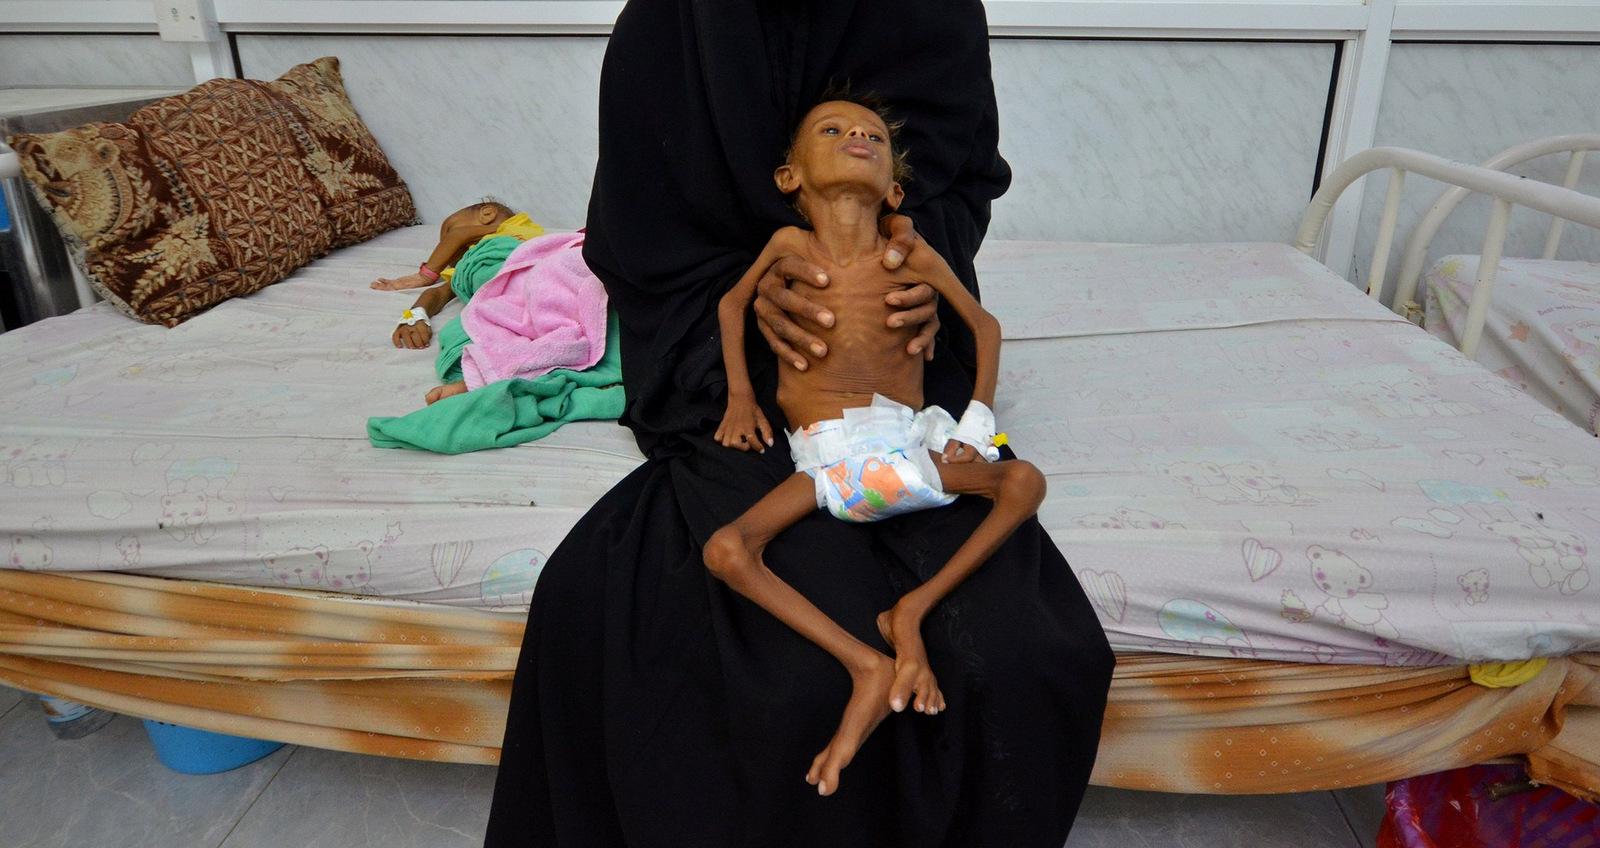 ENSZ: 18,4 millió embert fenyeget az éhhalál Jemenben az év végéig